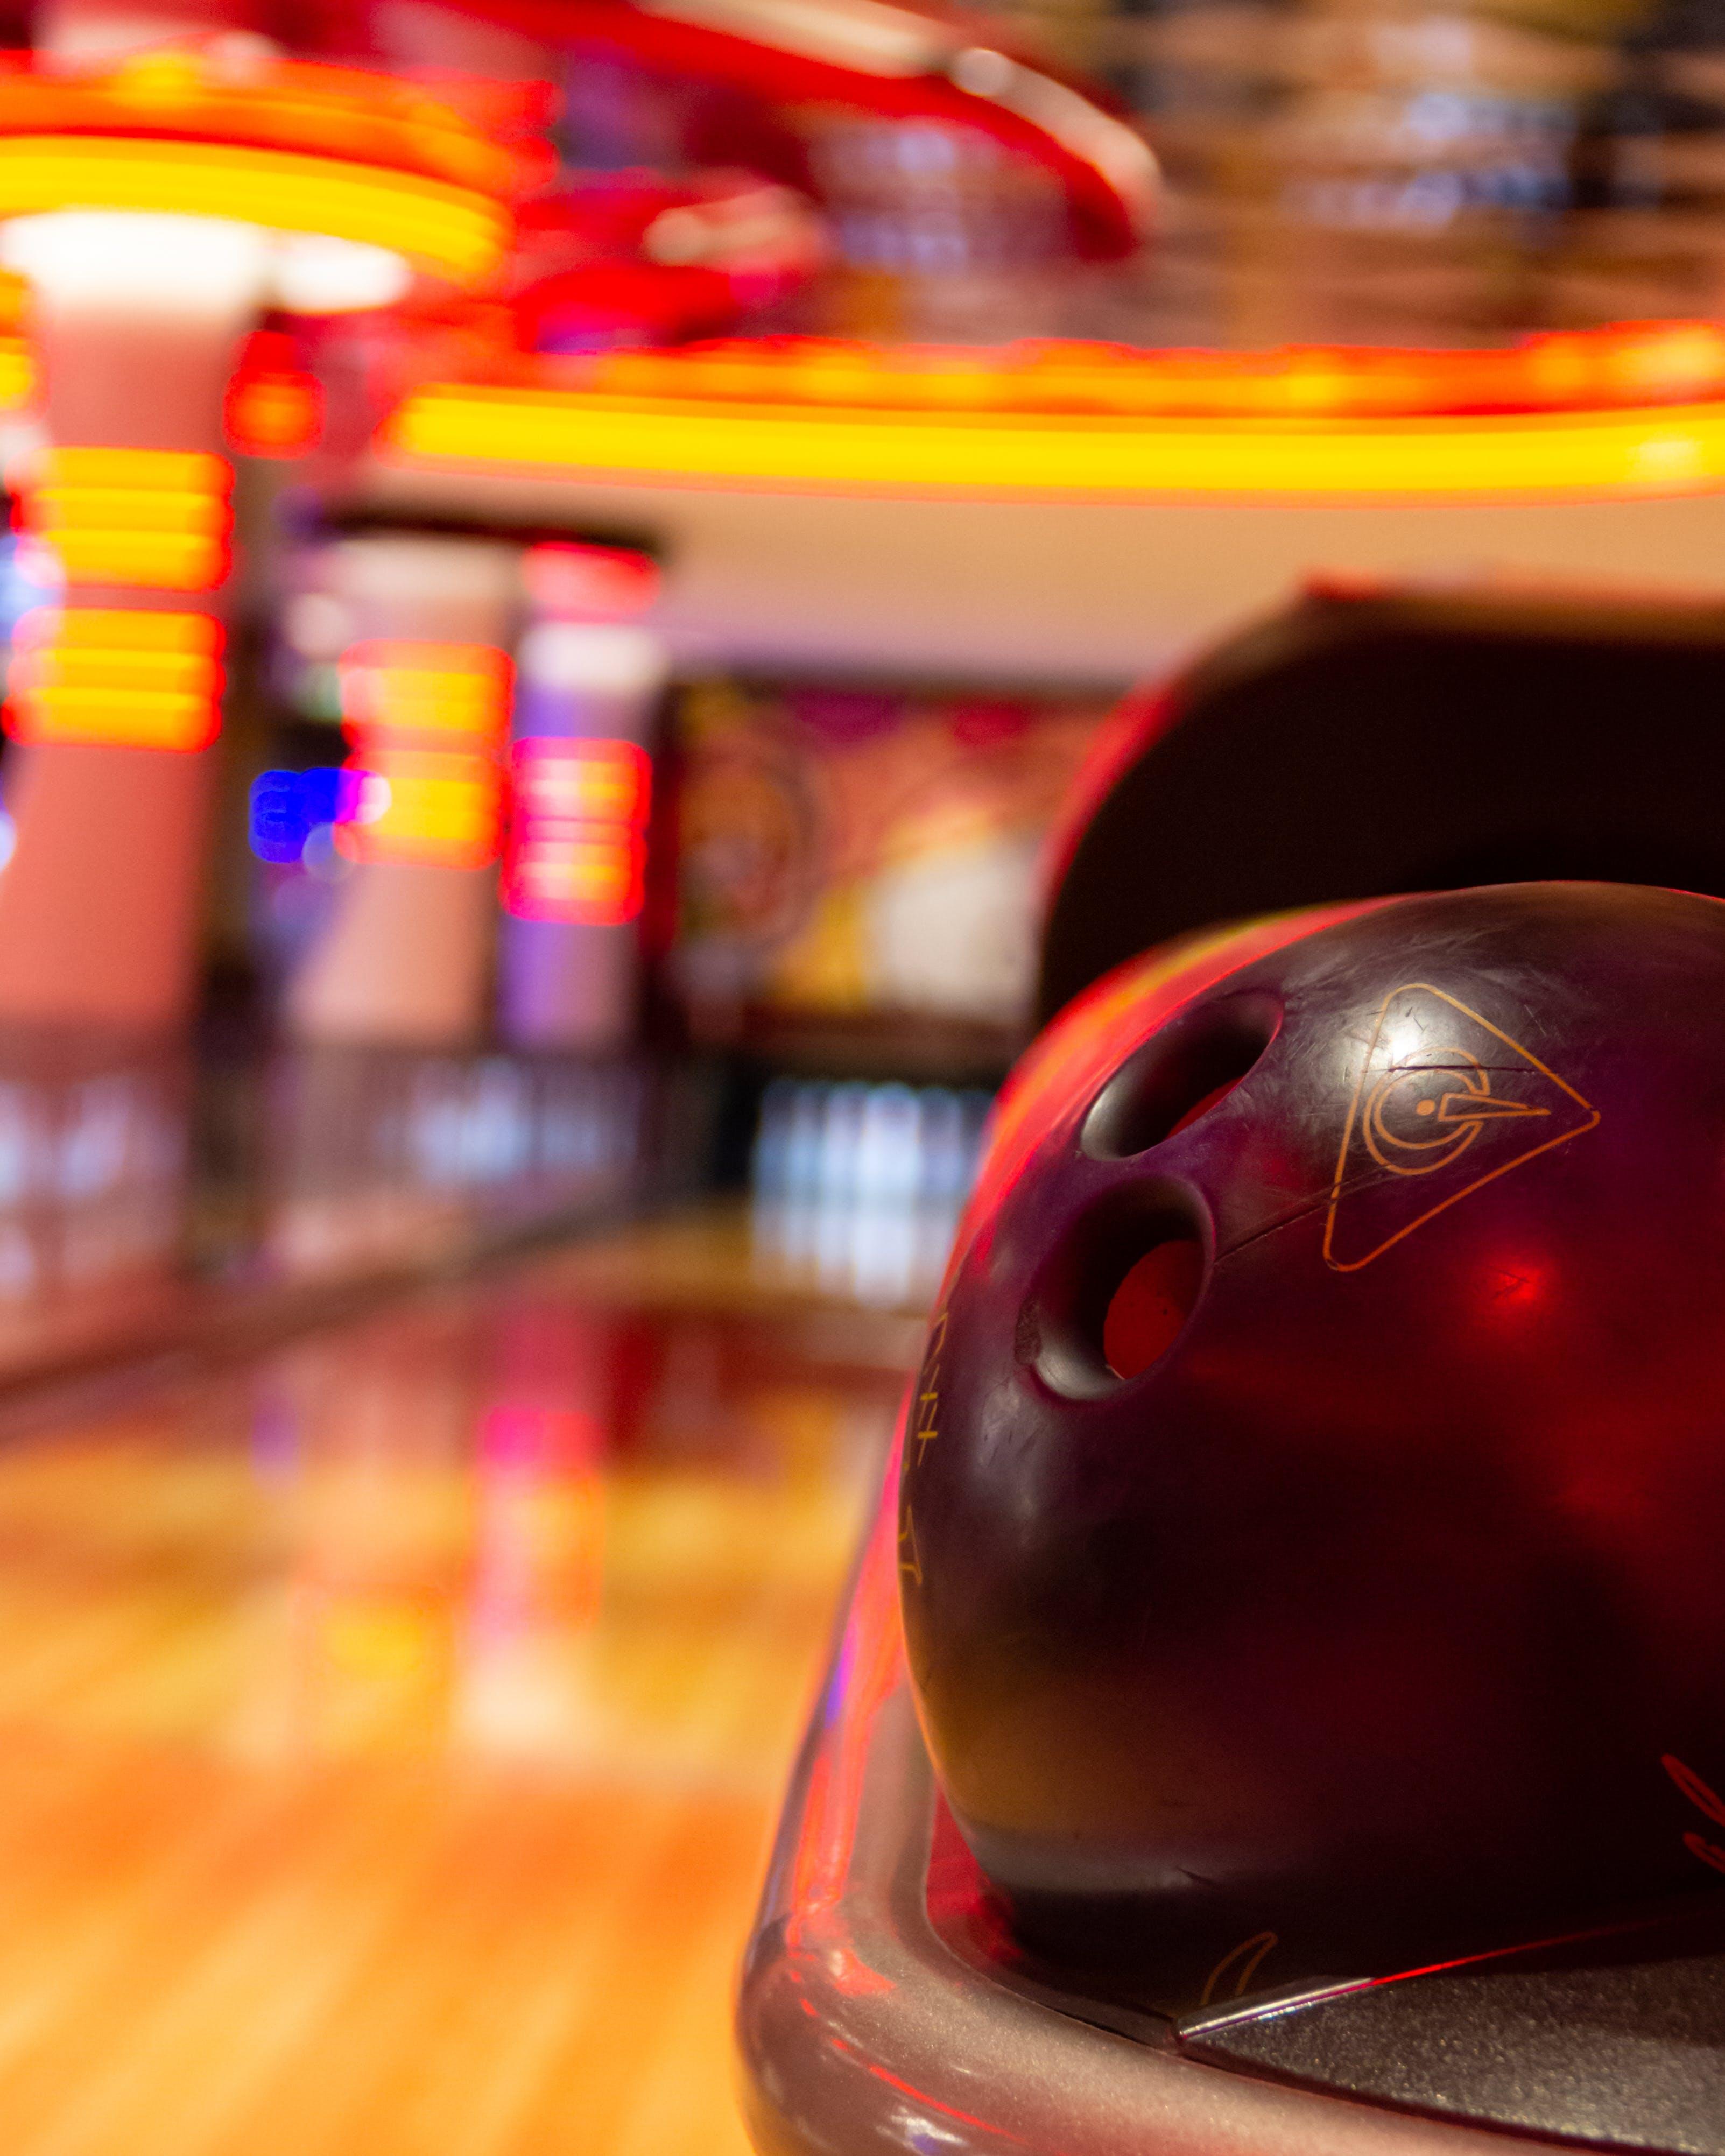 Kostenloses Stock Foto zu bewegung, bowlen, bowlingausrüstung, bowlingkugel